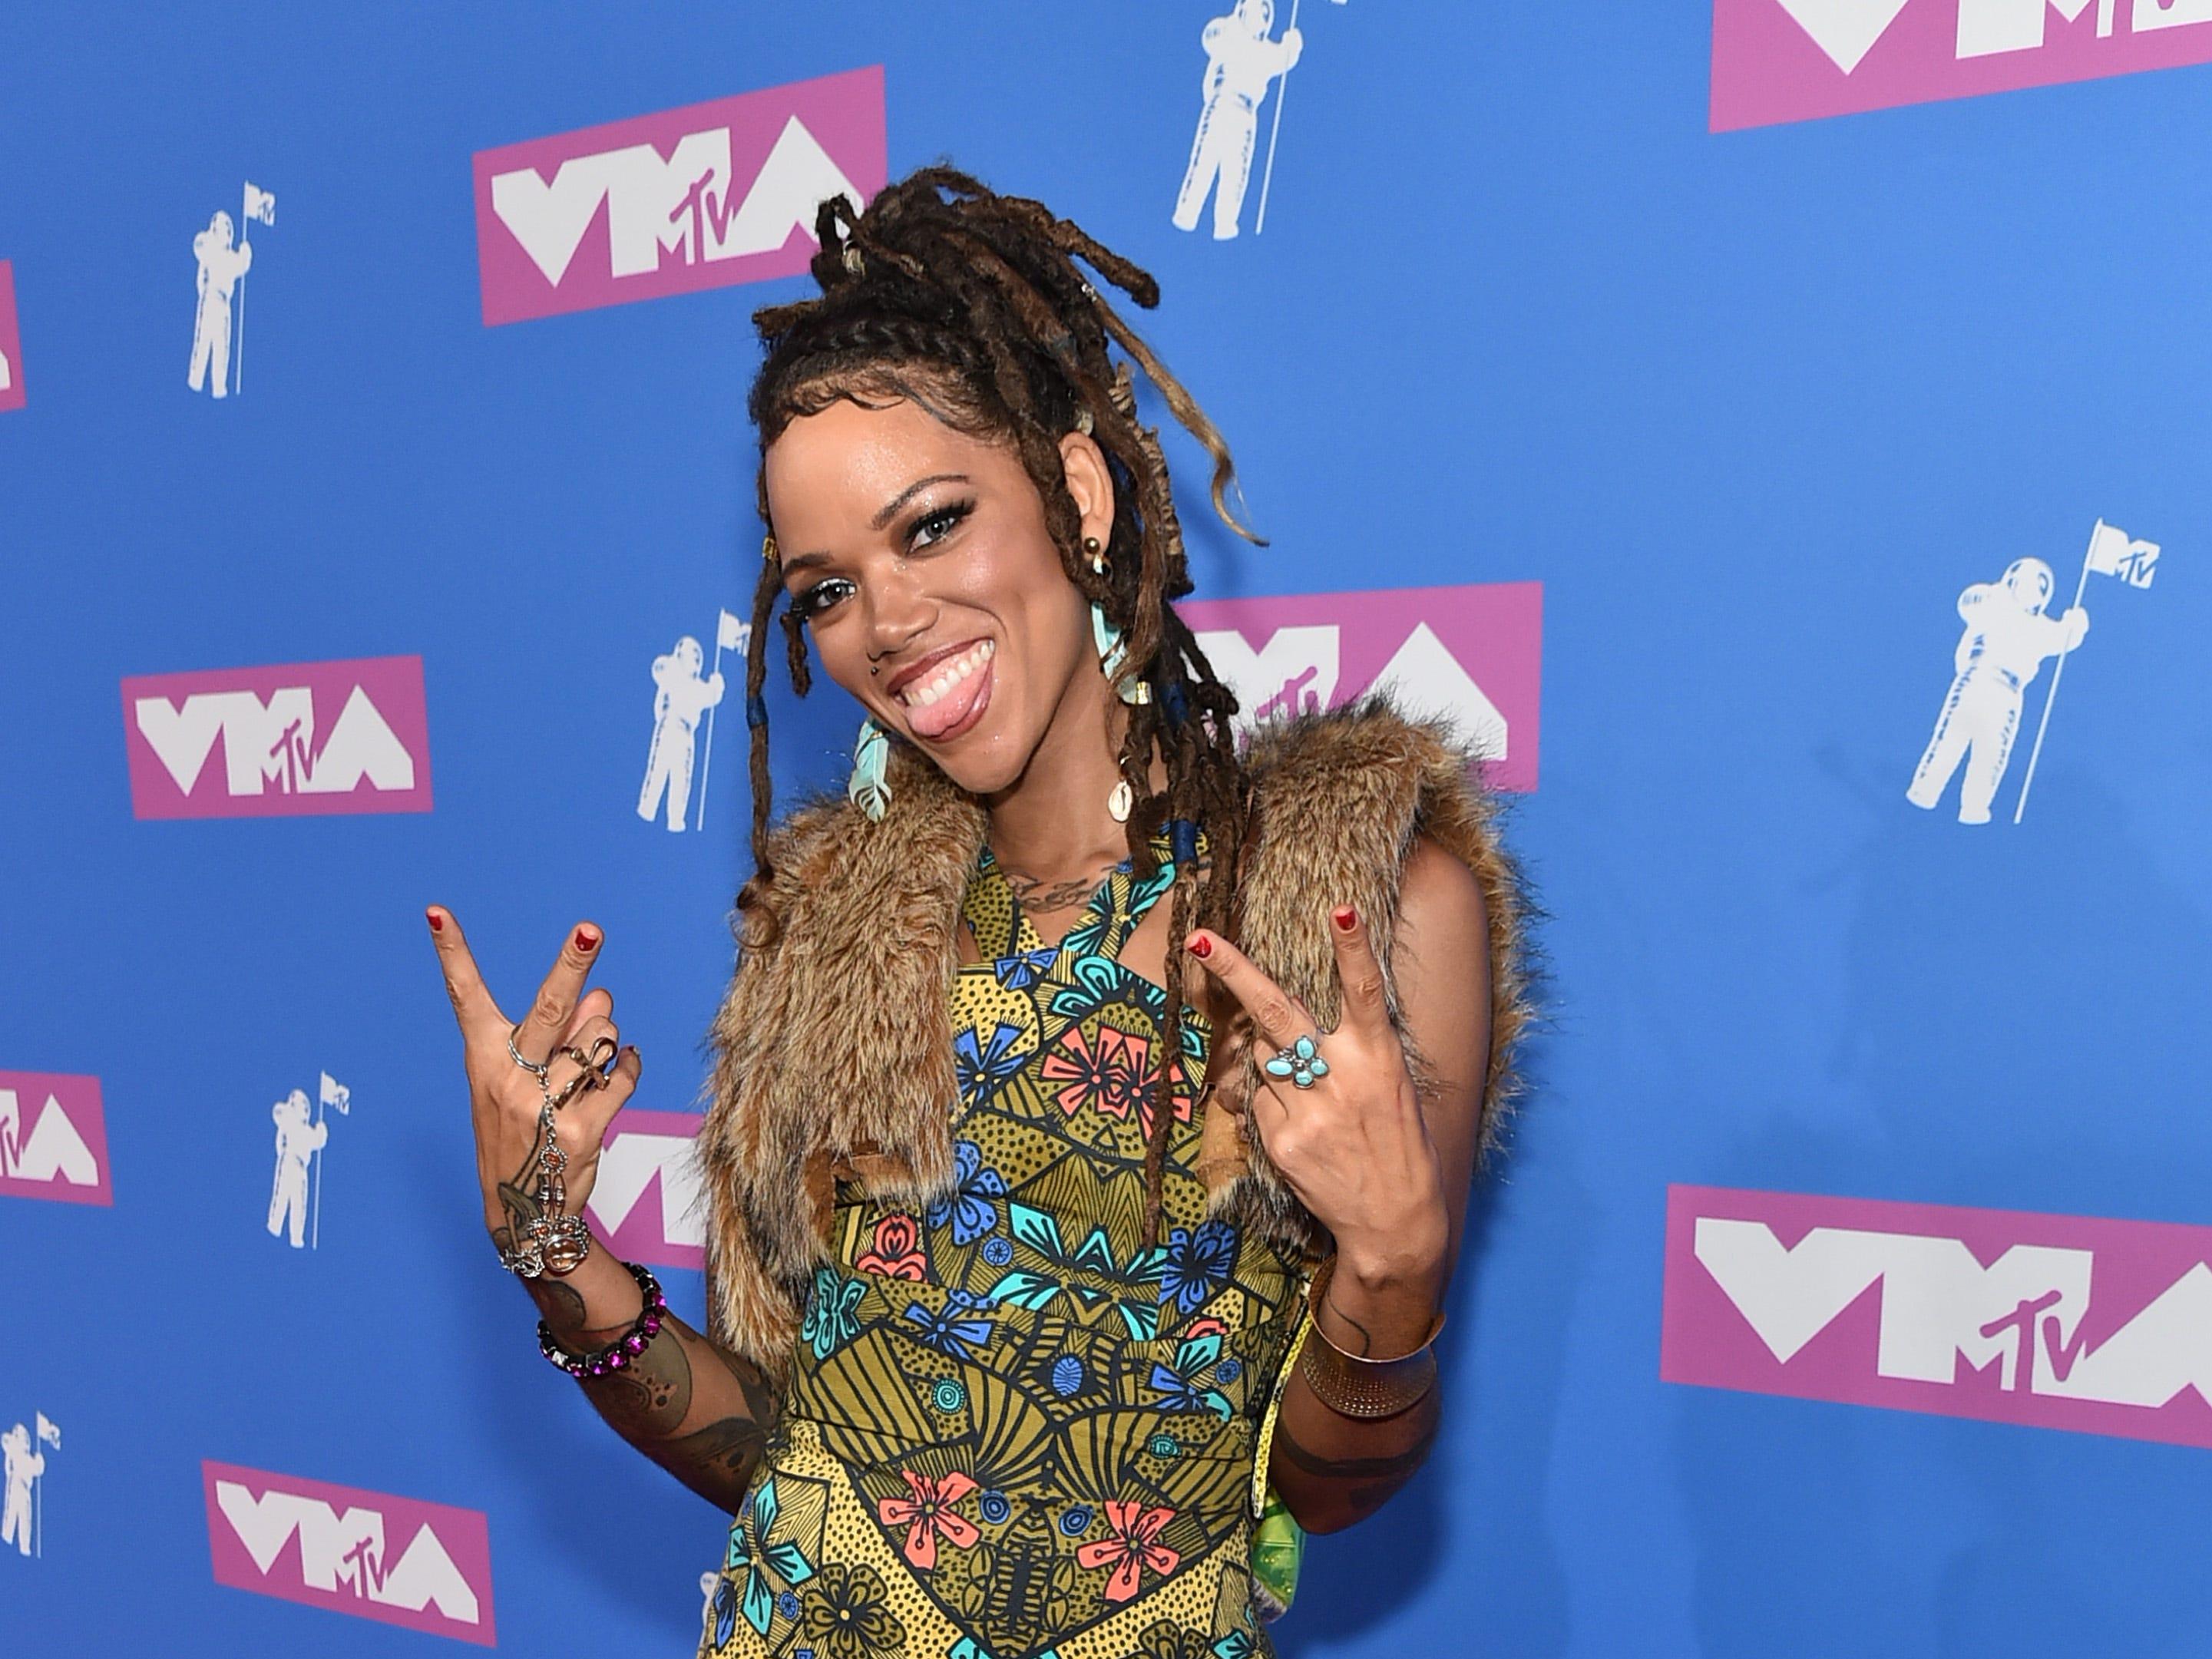 Melody Mitchell asiste a los MTV Video Music Awards 2018 en el Radio City Music Hall el 20 de agosto de 2018 en la ciudad de Nueva York.